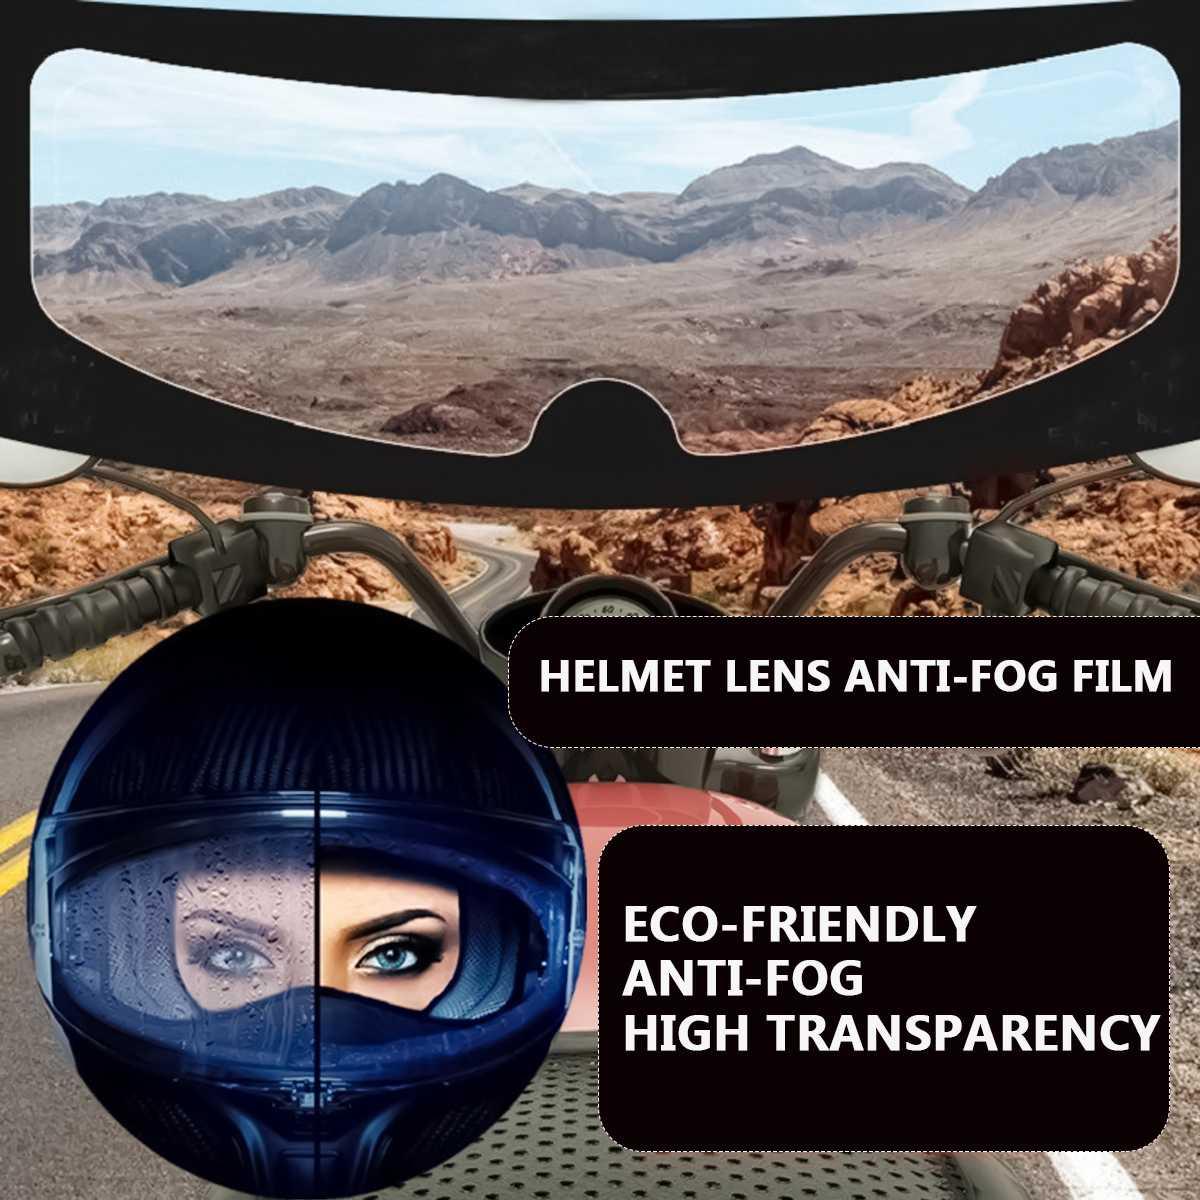 Casco de la motocicleta claro Pin Lock Anti-niebla parche película casco lente Visor película resistente a la niebla para K3 K4 AX8 LS2 HJC